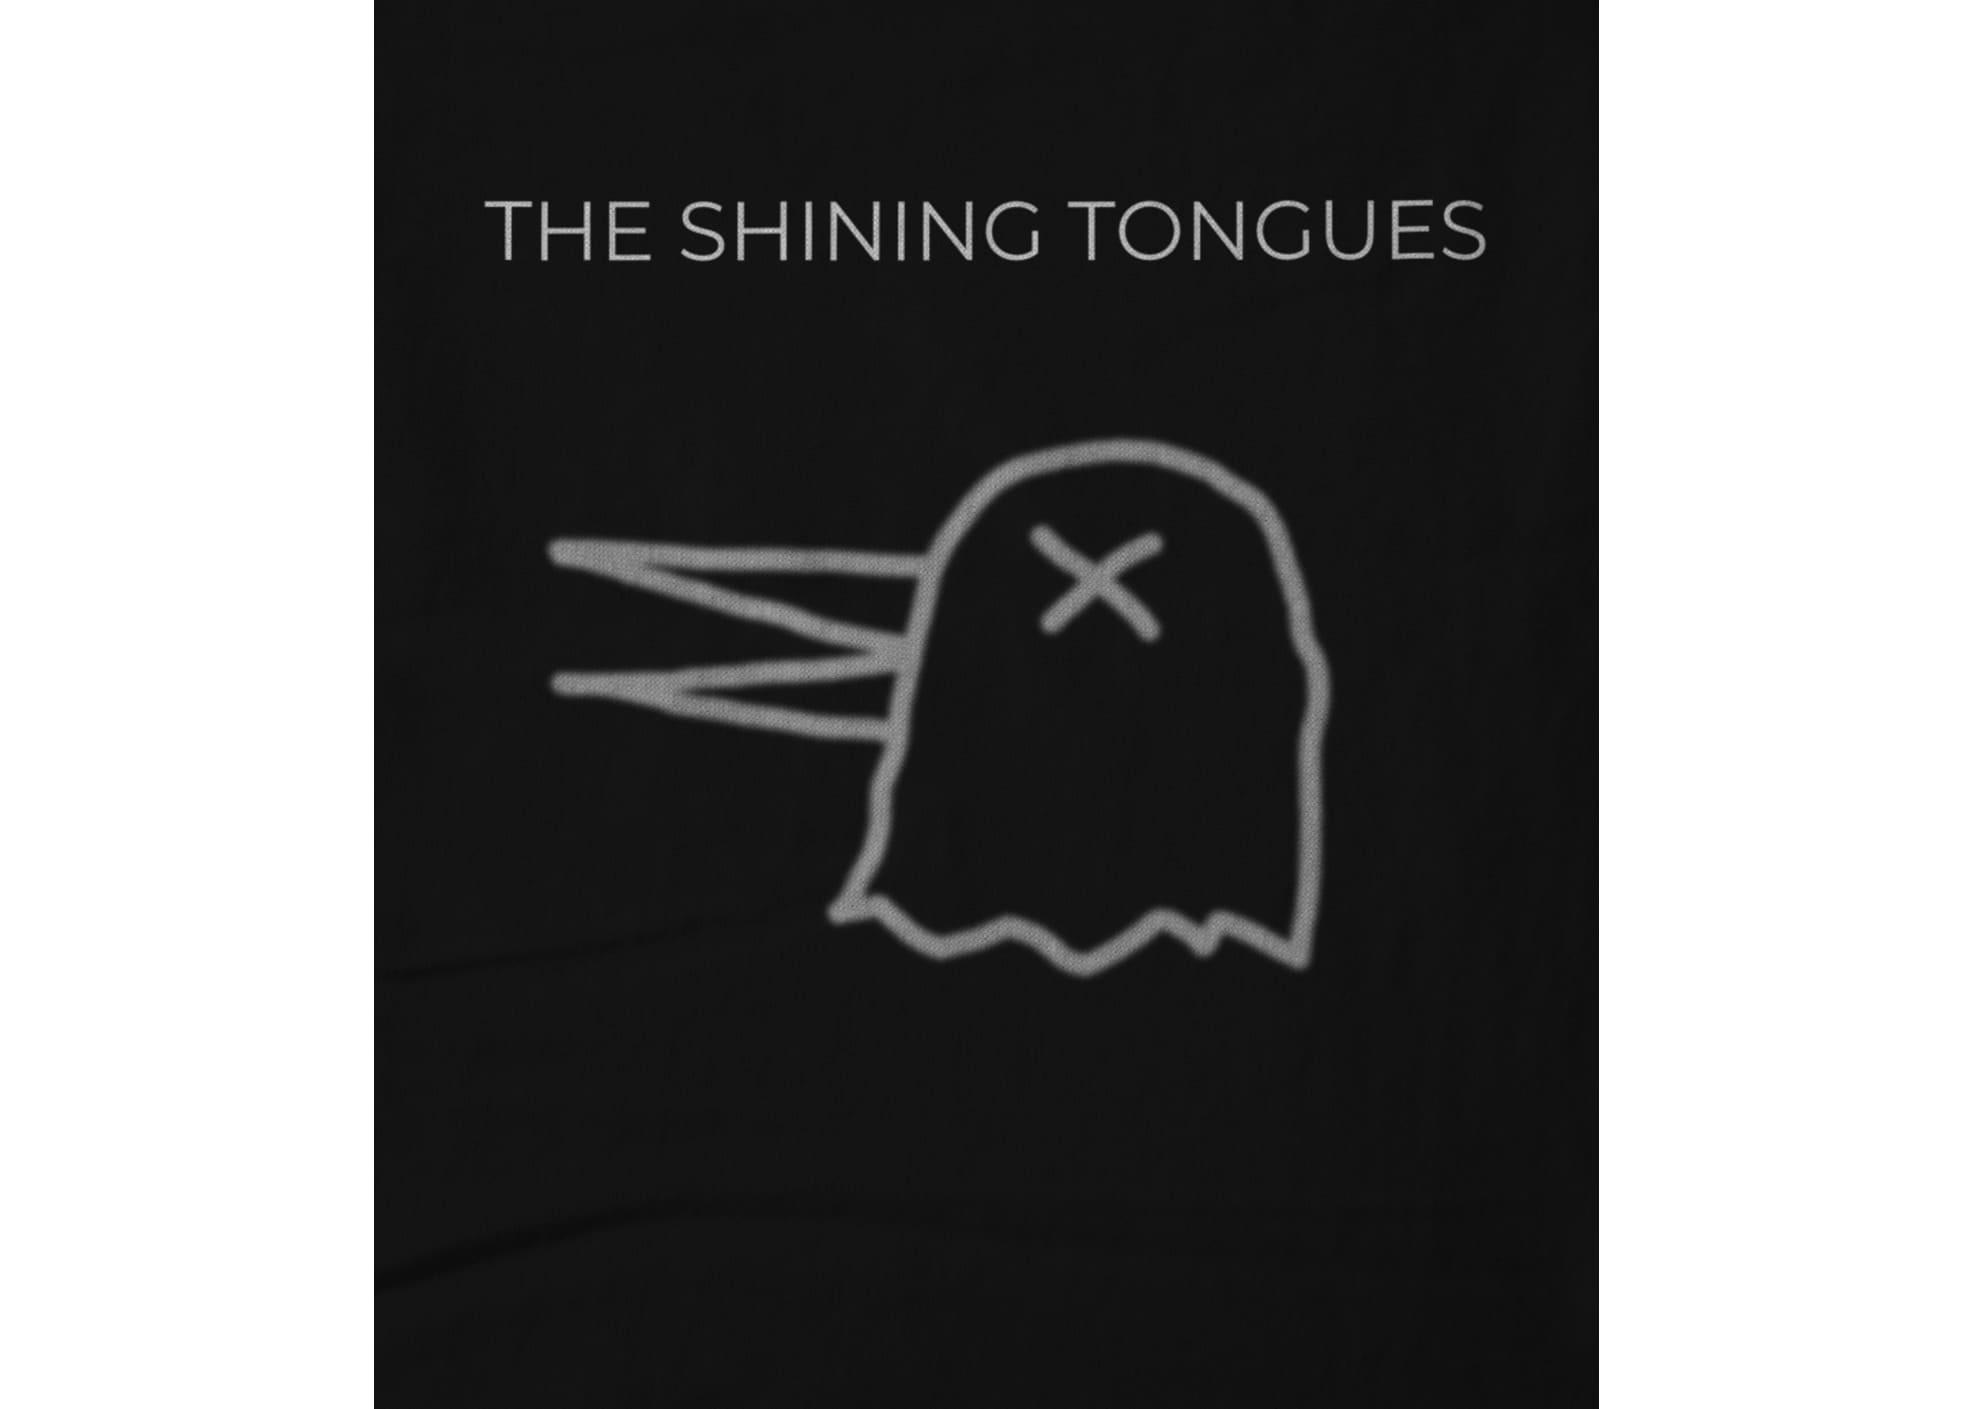 The shining tongues beak shirt 1597184956